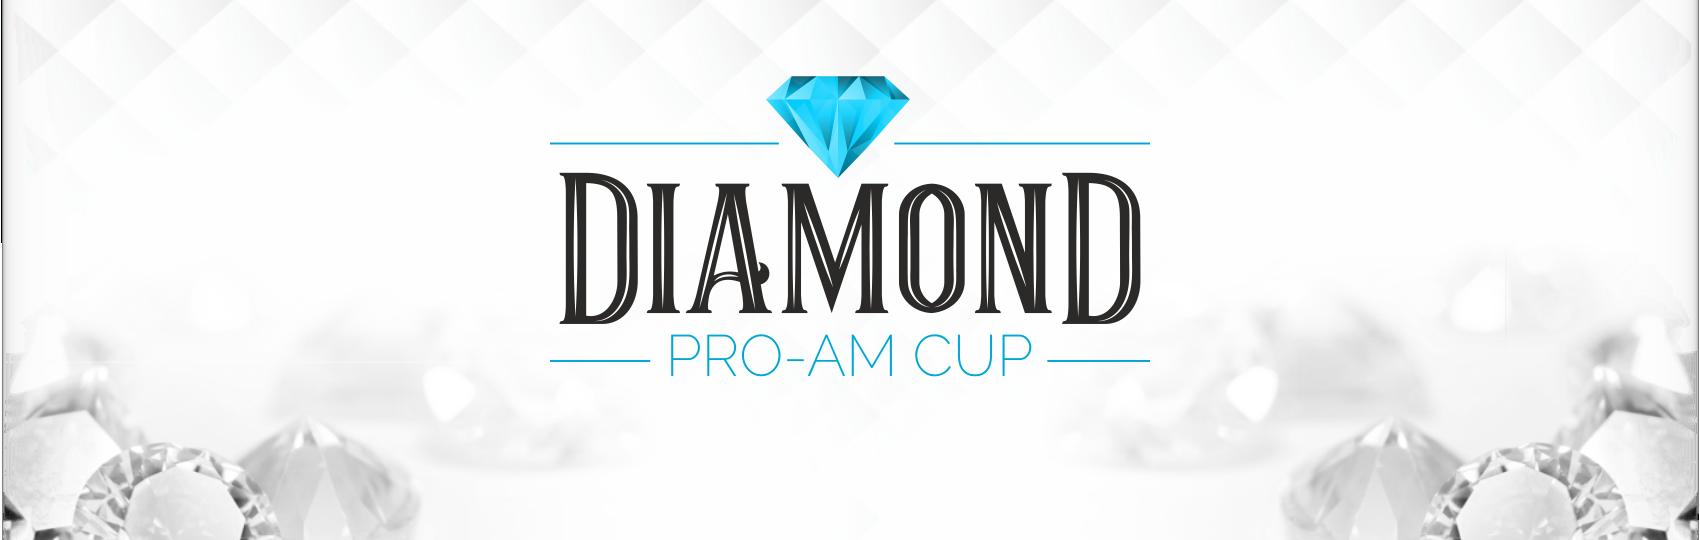 Diamond Pro-Am Cup